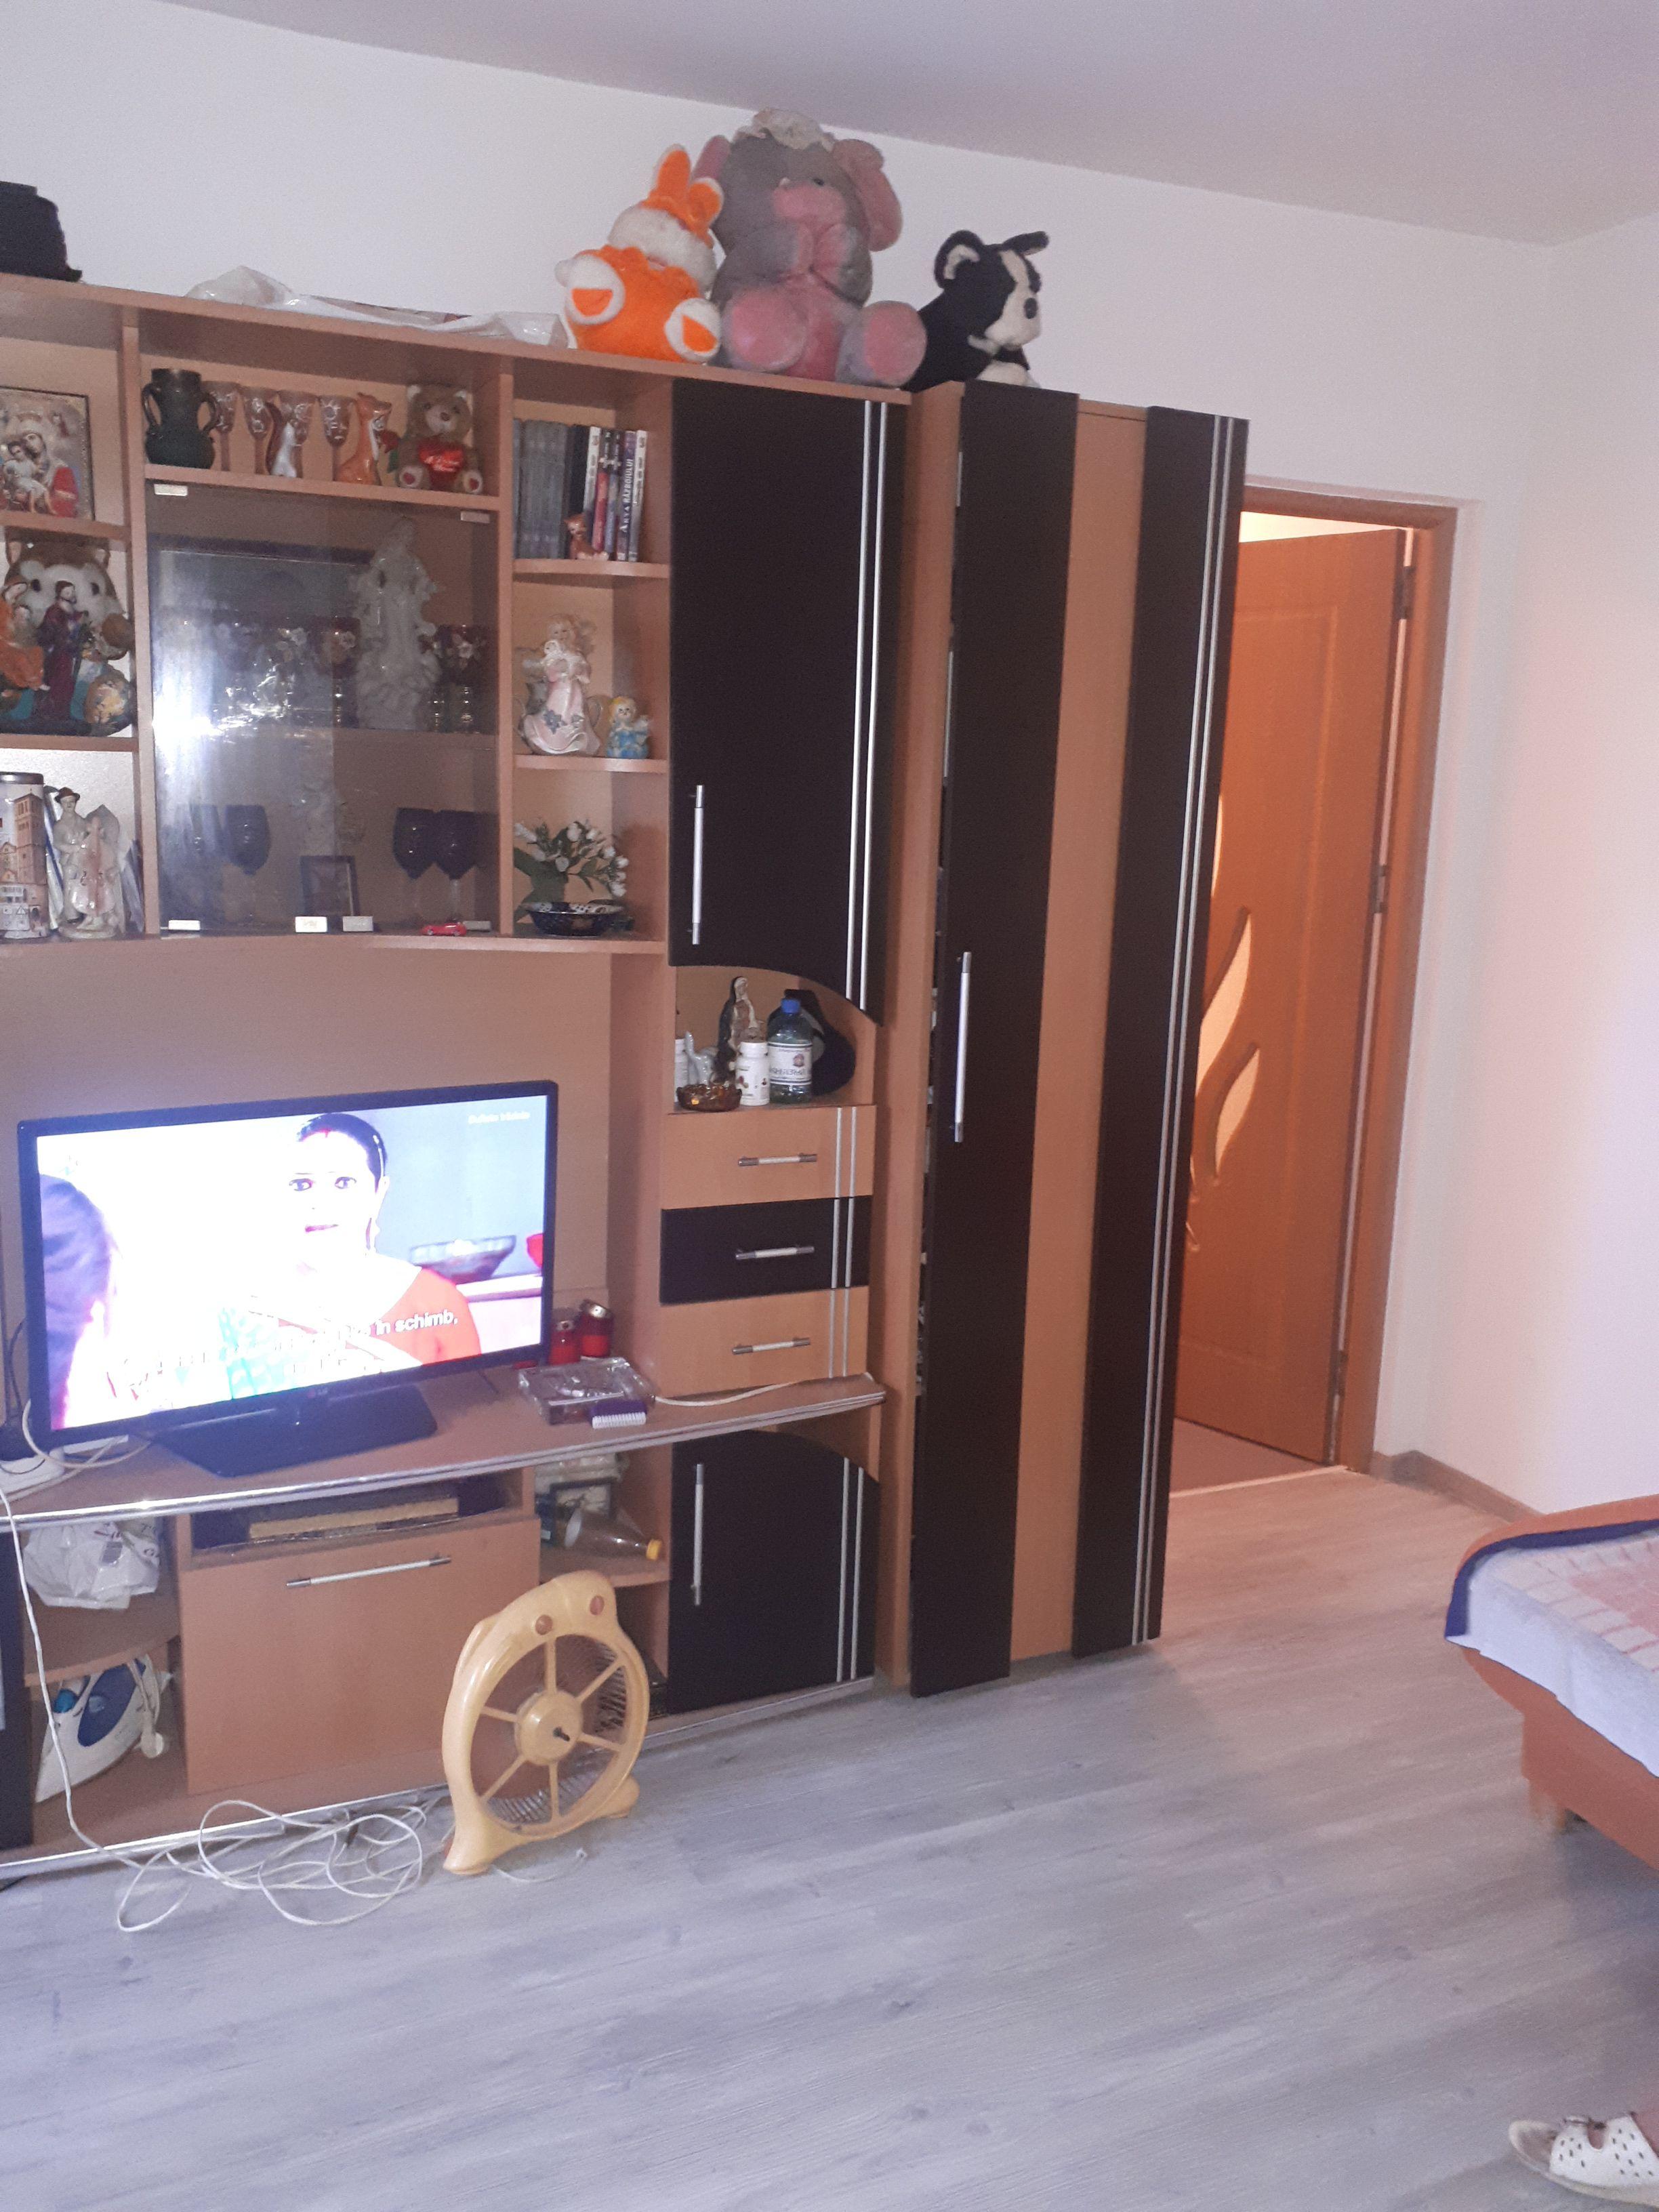 Vanzare Apartament 2 camere - GROAPA, Constanta